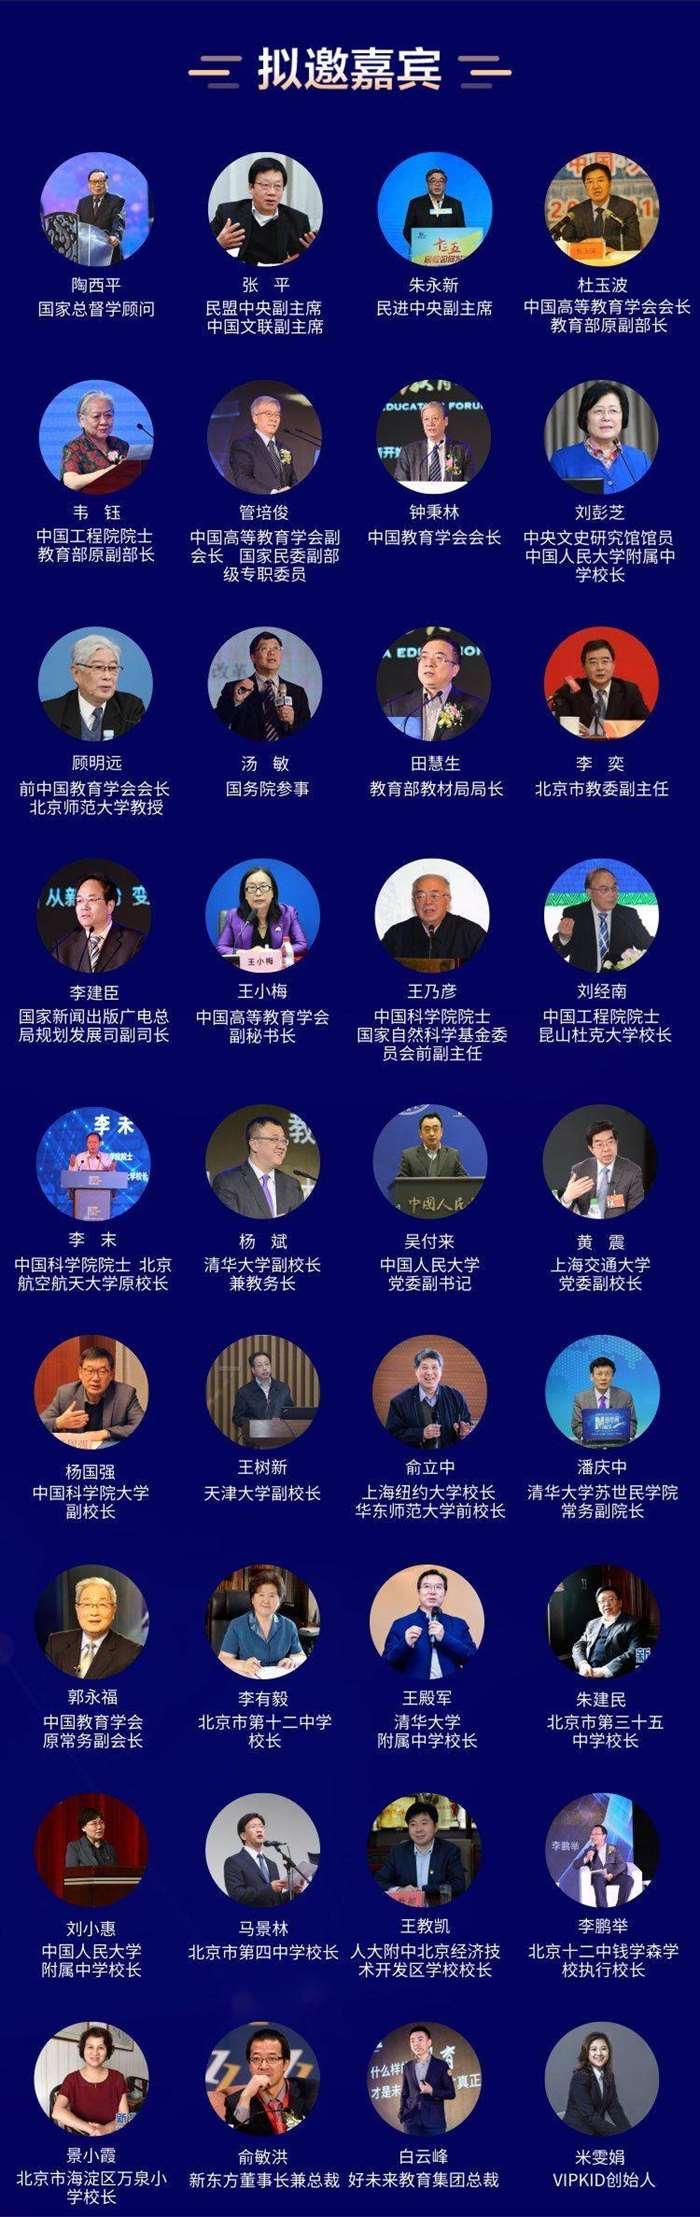 2019嘉宾图_自定义px_2019.09.19.png